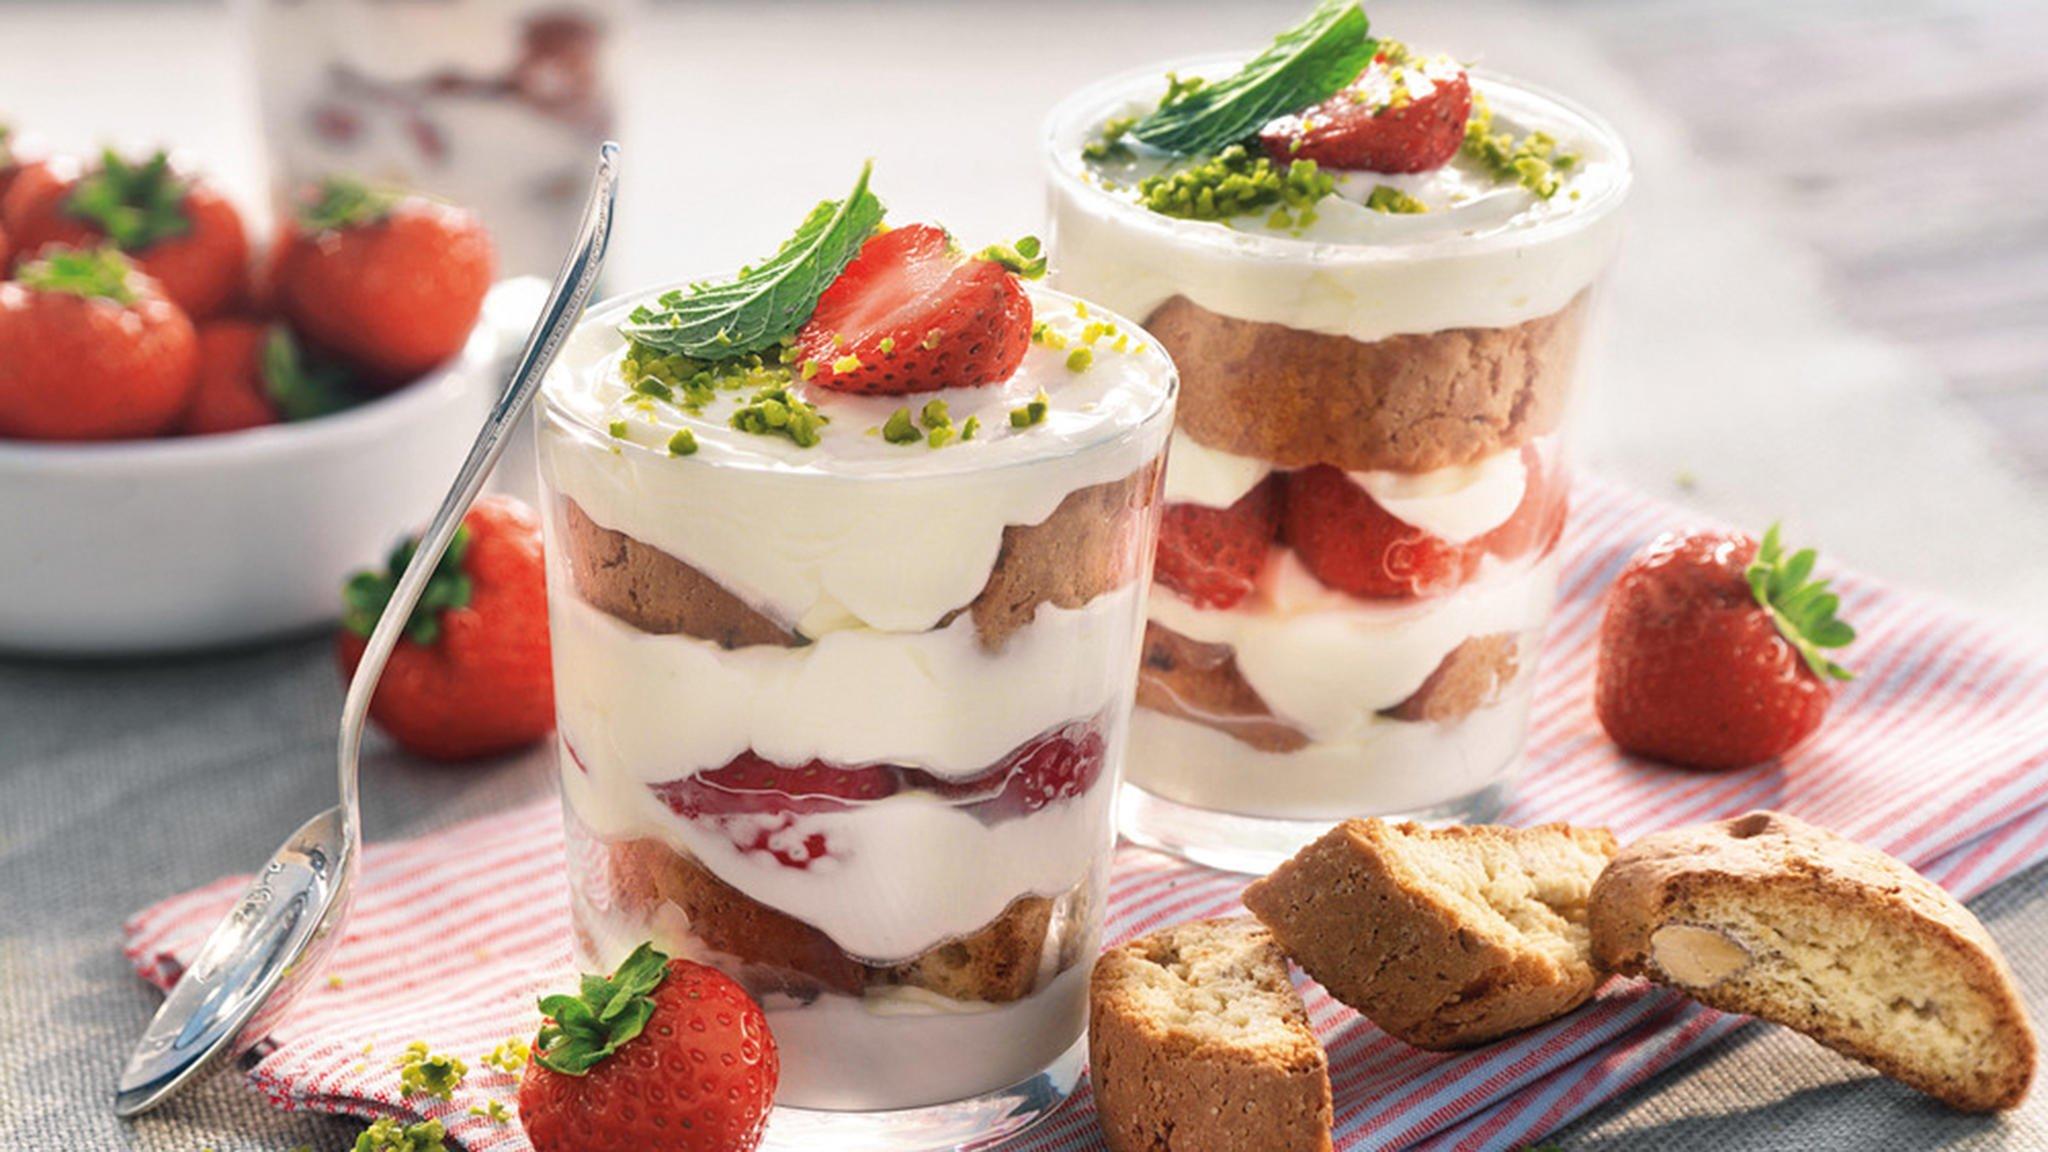 Tiramisu mit Erdbeeren und Cantuccini im Glas